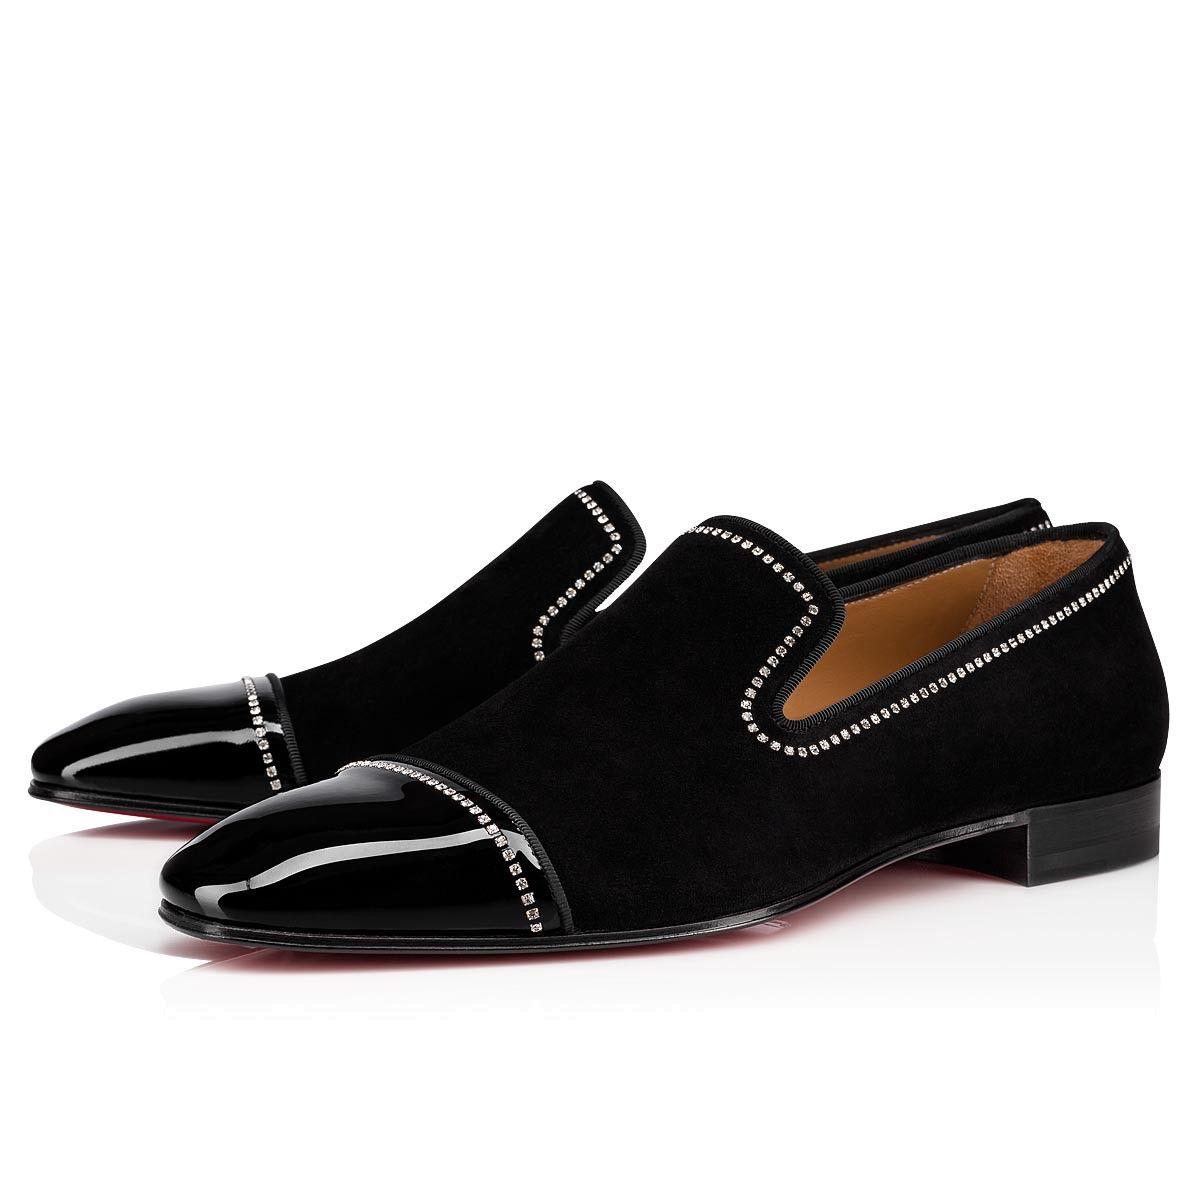 Vendelion Flat BlackCrystal Suede Men Shoes Christian